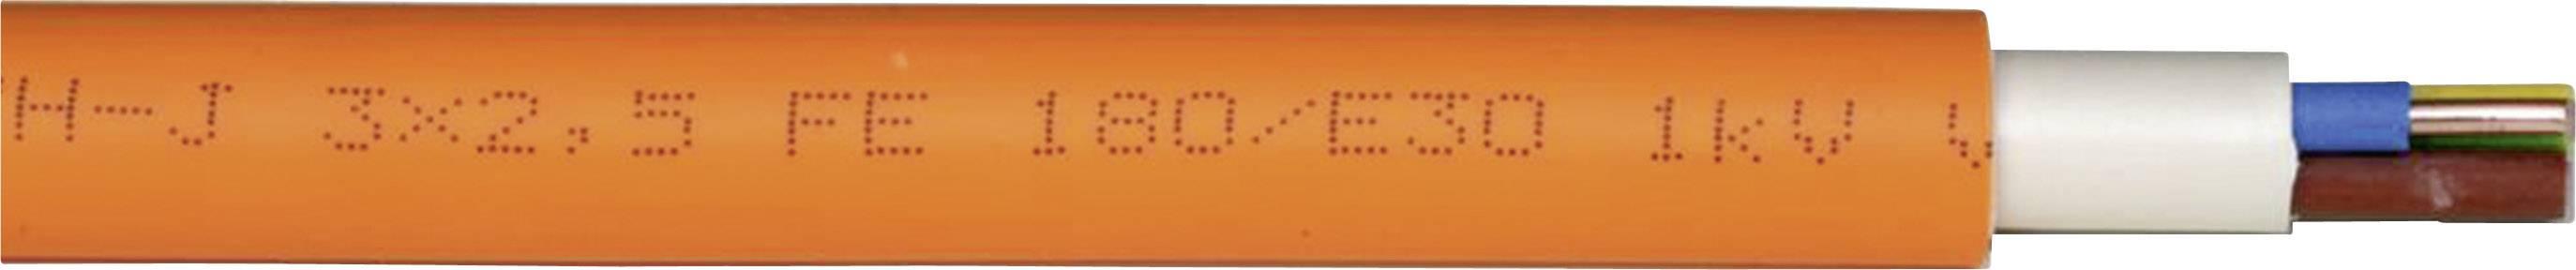 Kabel pro vysoké proudy Faber Kabel NHXHX FE180/E30 (011046), 5 x 2,5 mm², oranžová, 1 m